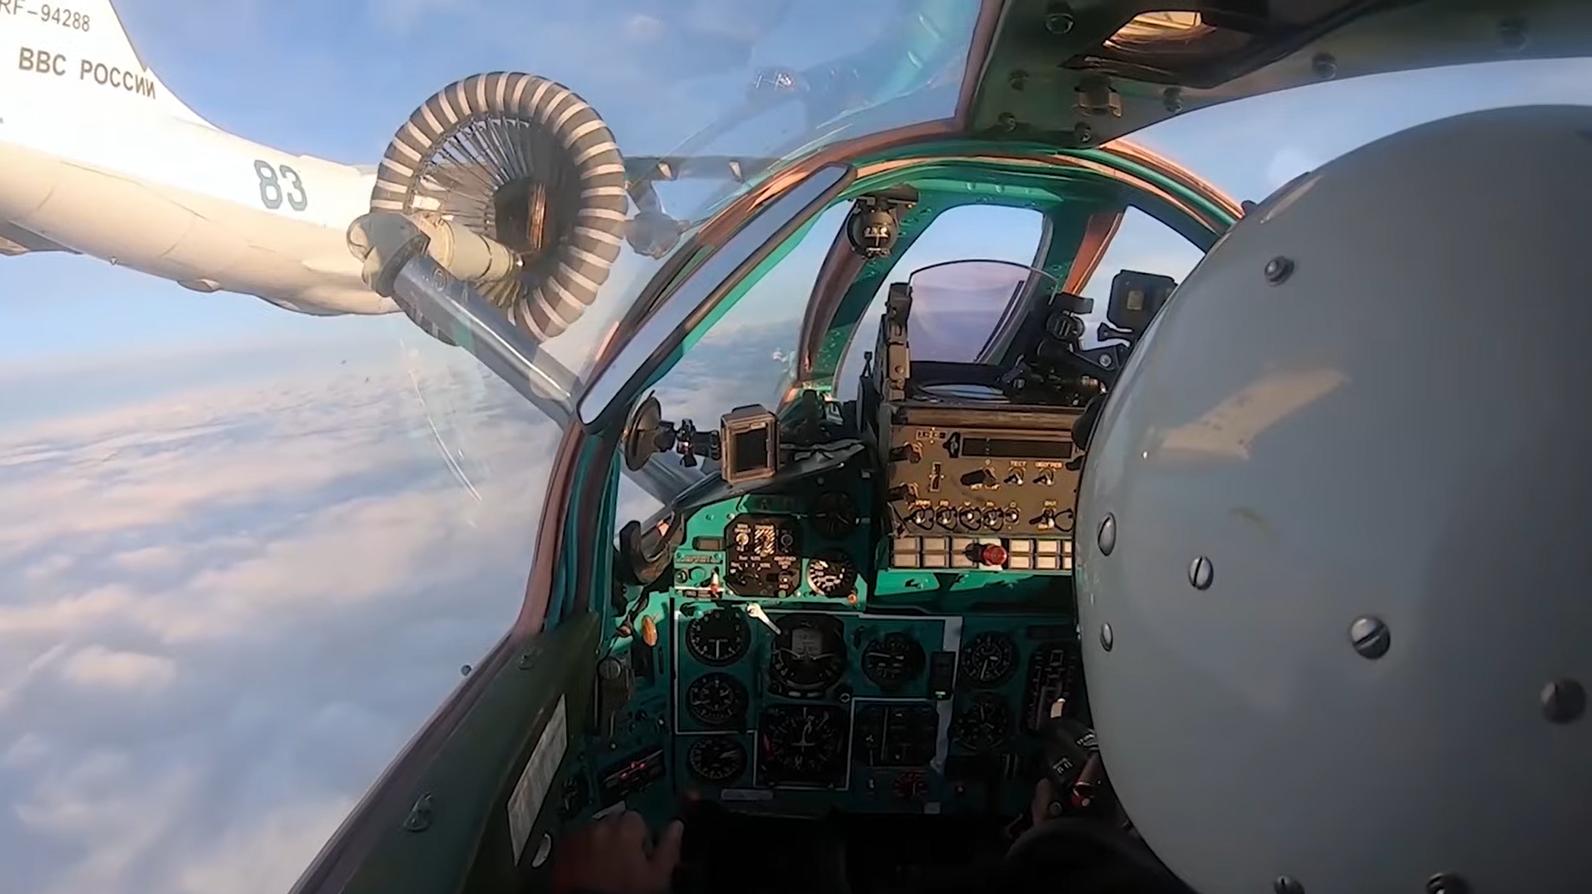 Видео: воздушная дозаправка истребителей МиГ-31БМ на скорости 500 км/ч